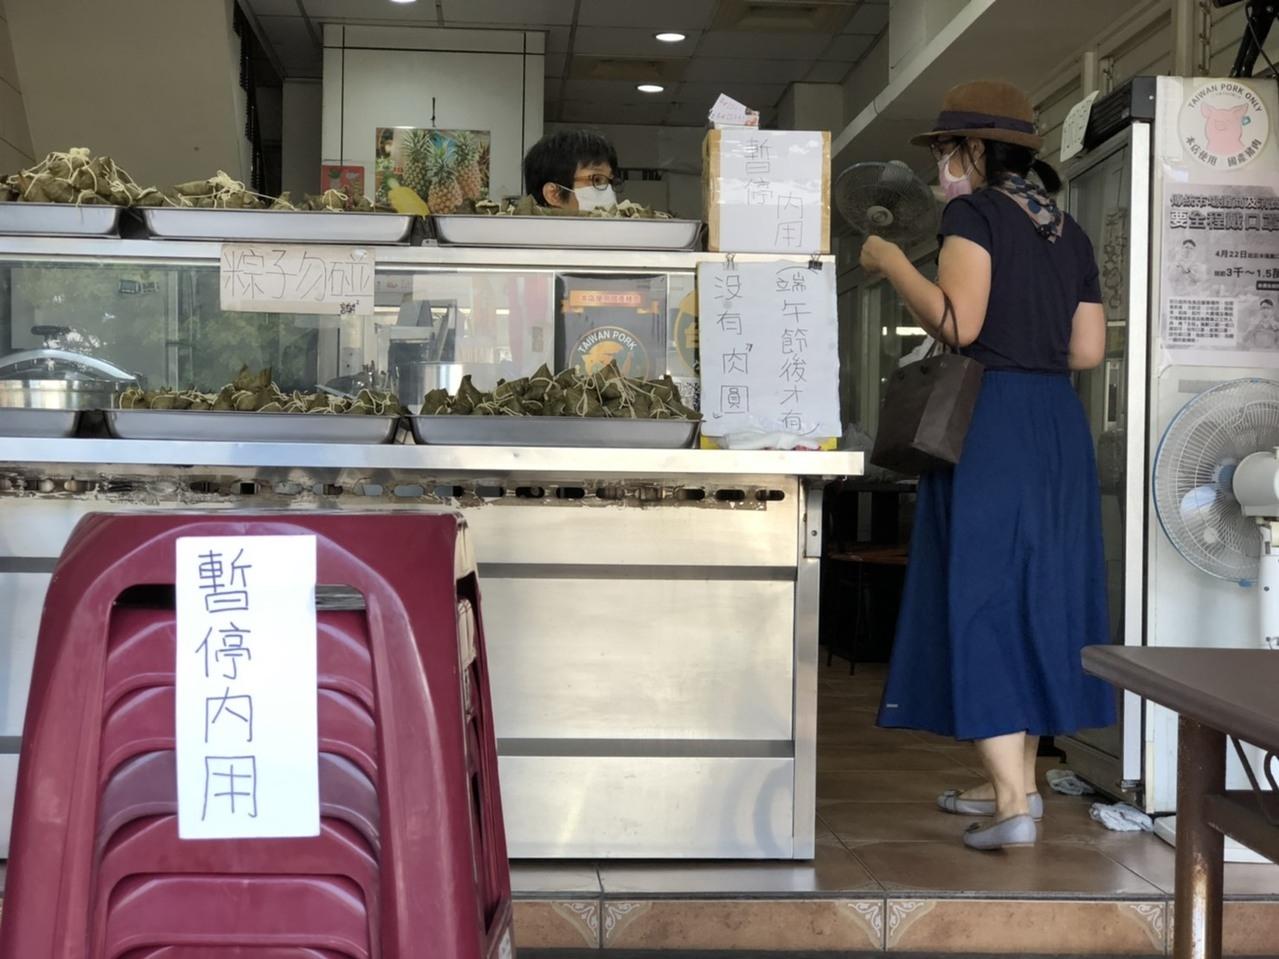 高雄前金公有市場一家老字號粽子店本月初已關閉內用區,一律改外帶。記者王慧瑛/攝影